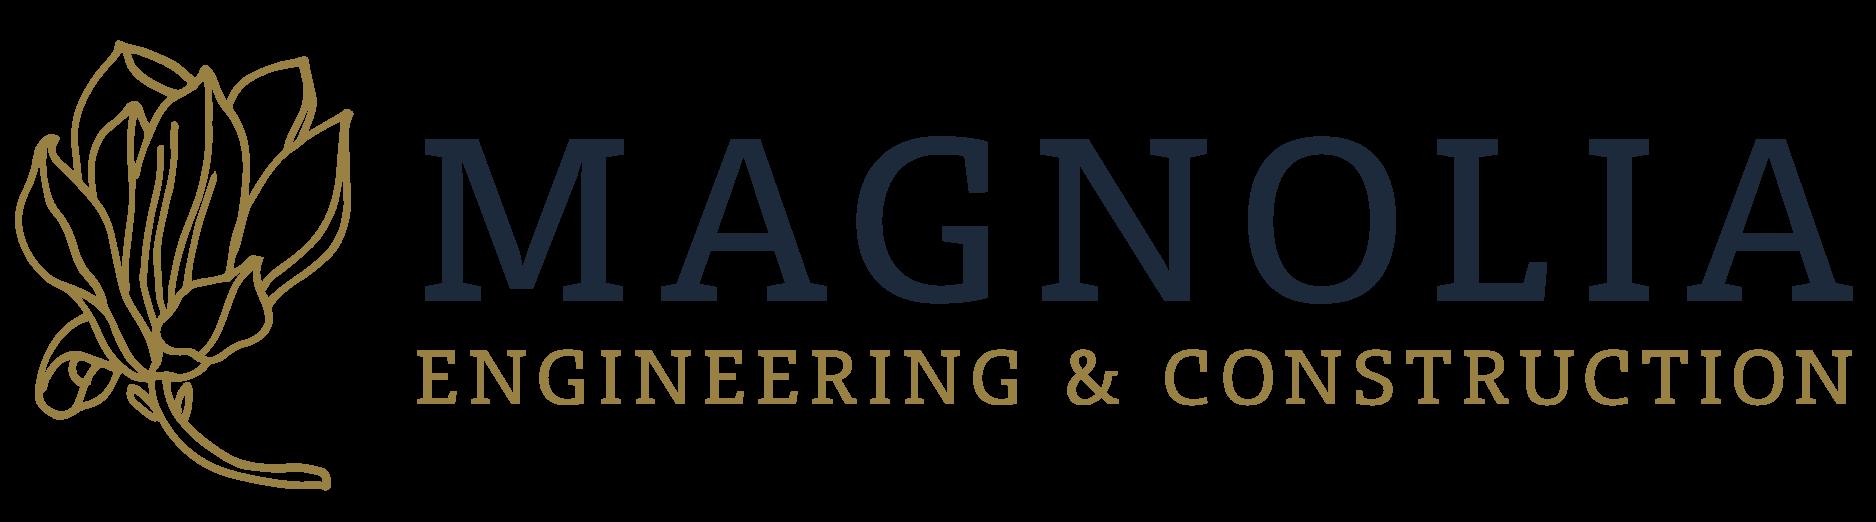 cropped-magnolia-logo-horizontal-02.png